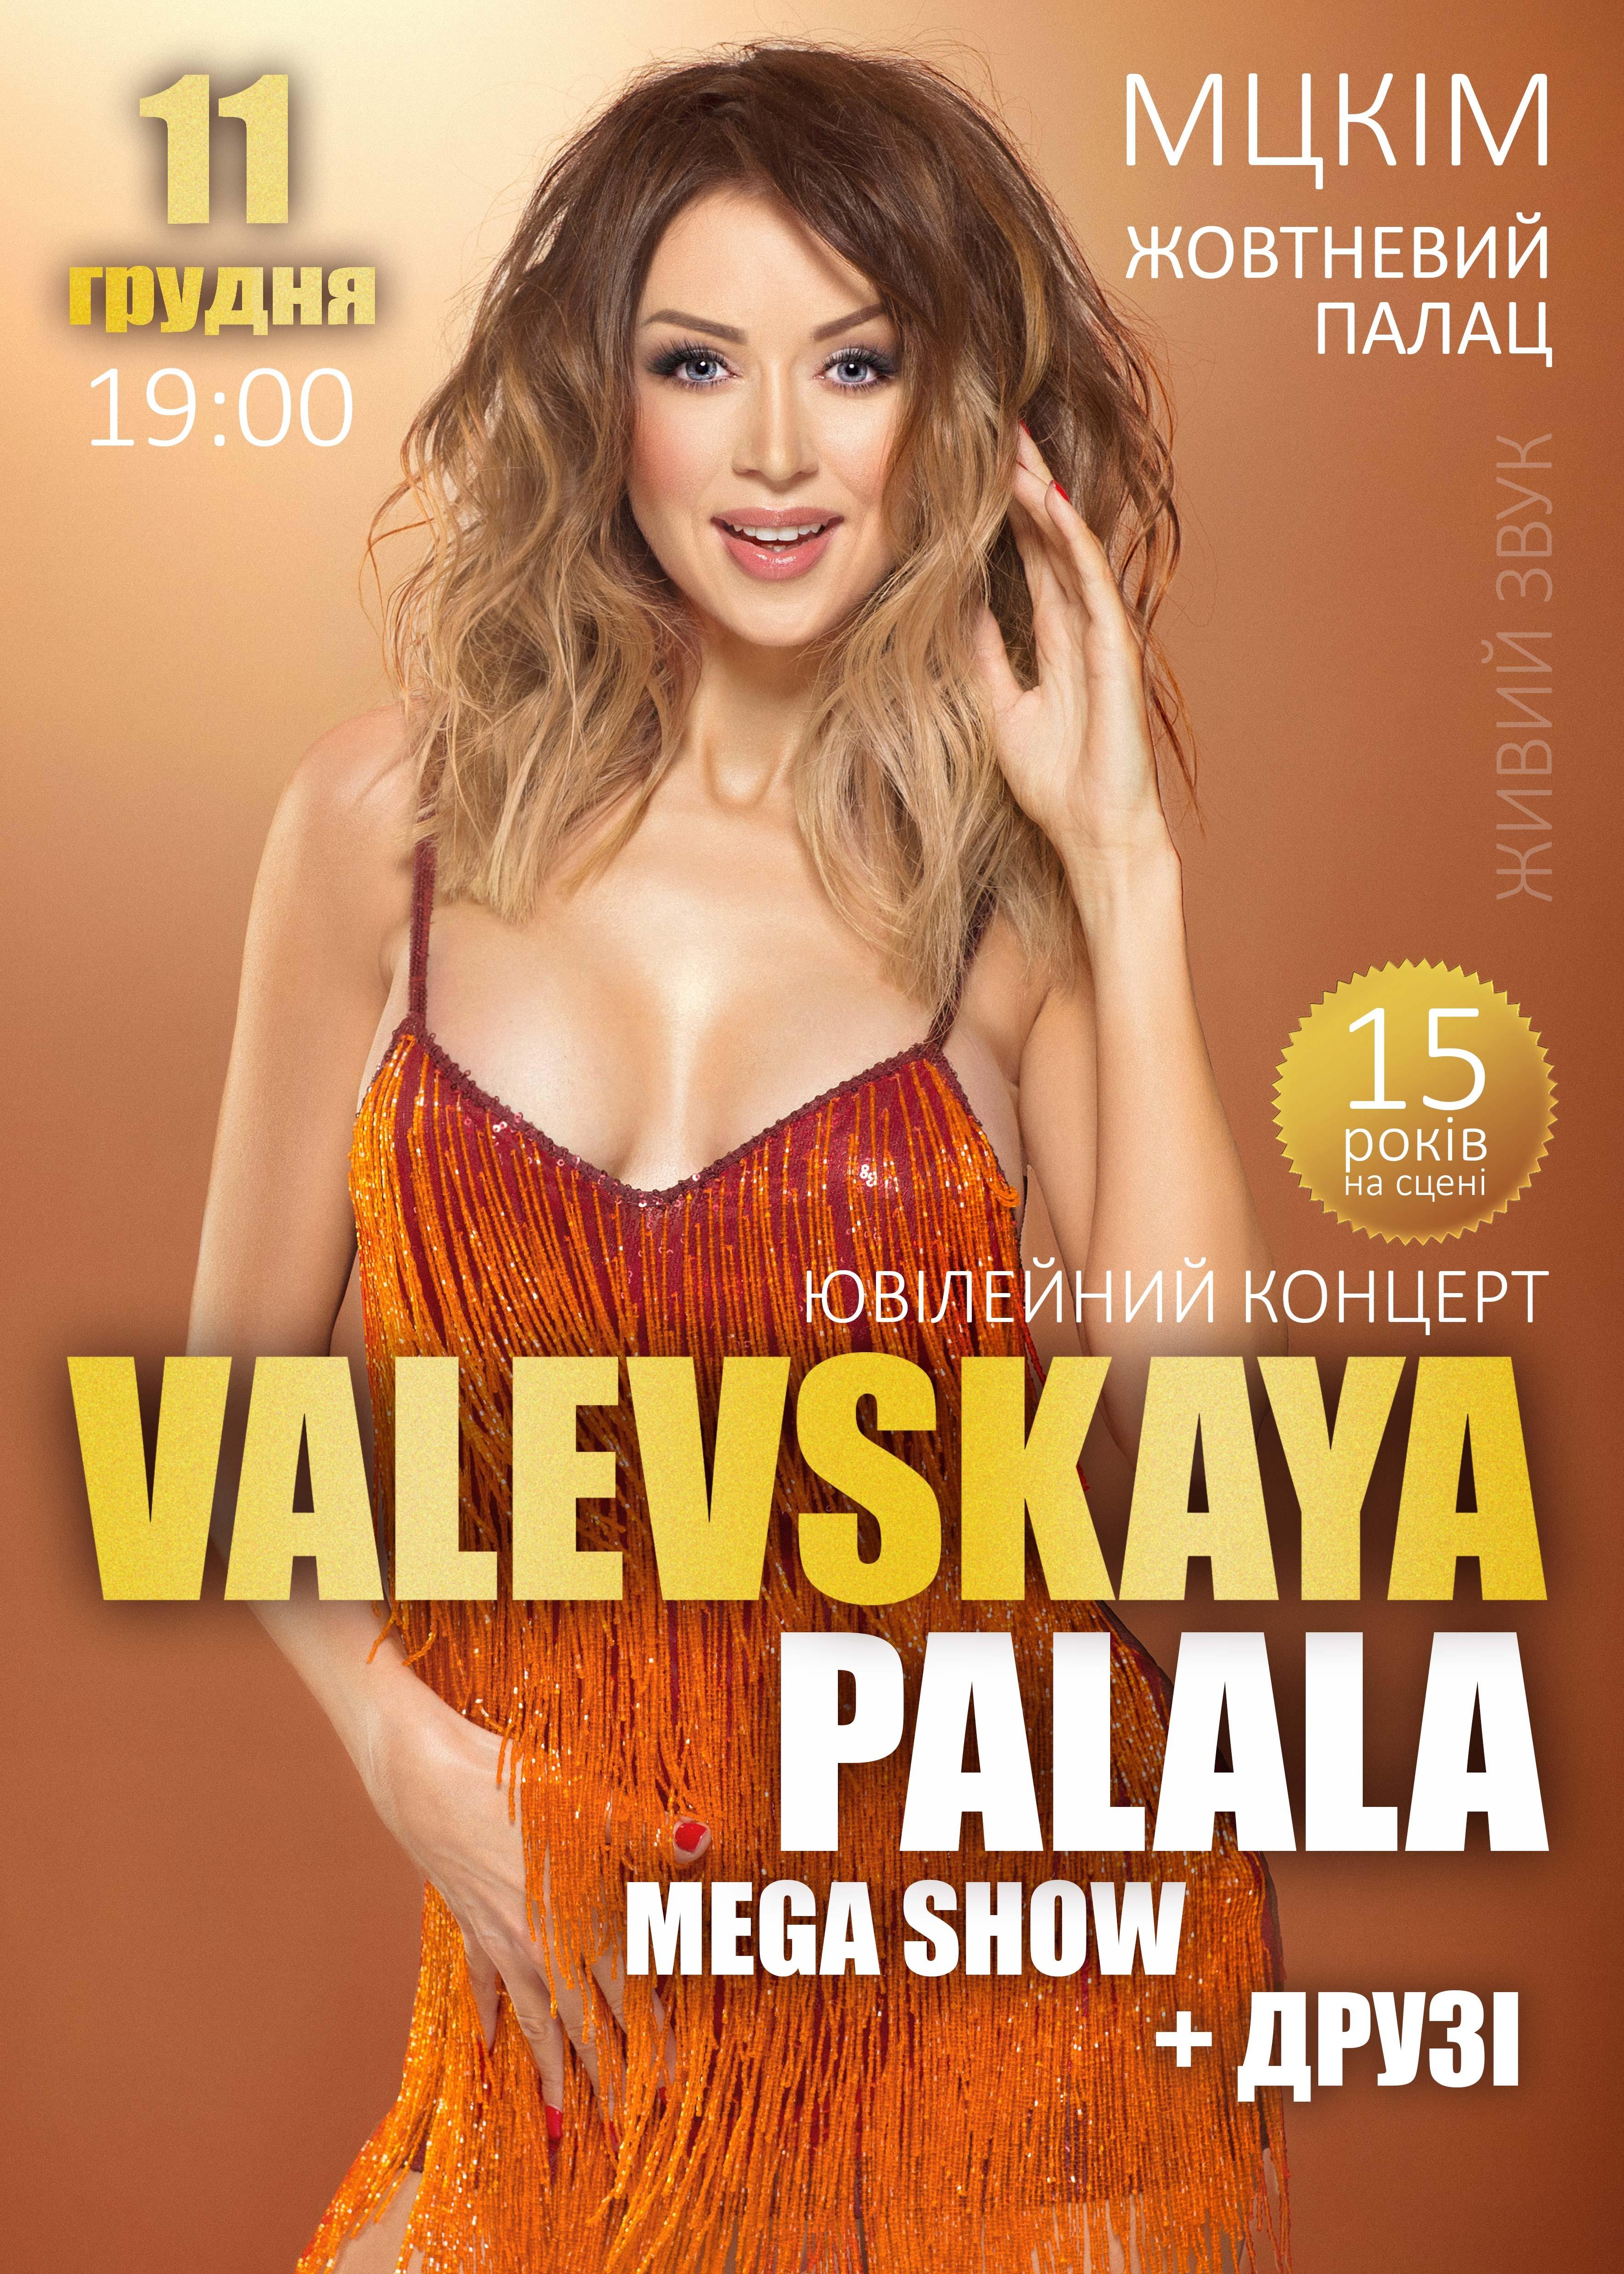 Билеты PALALA SHOW - пусть пылают сердца!